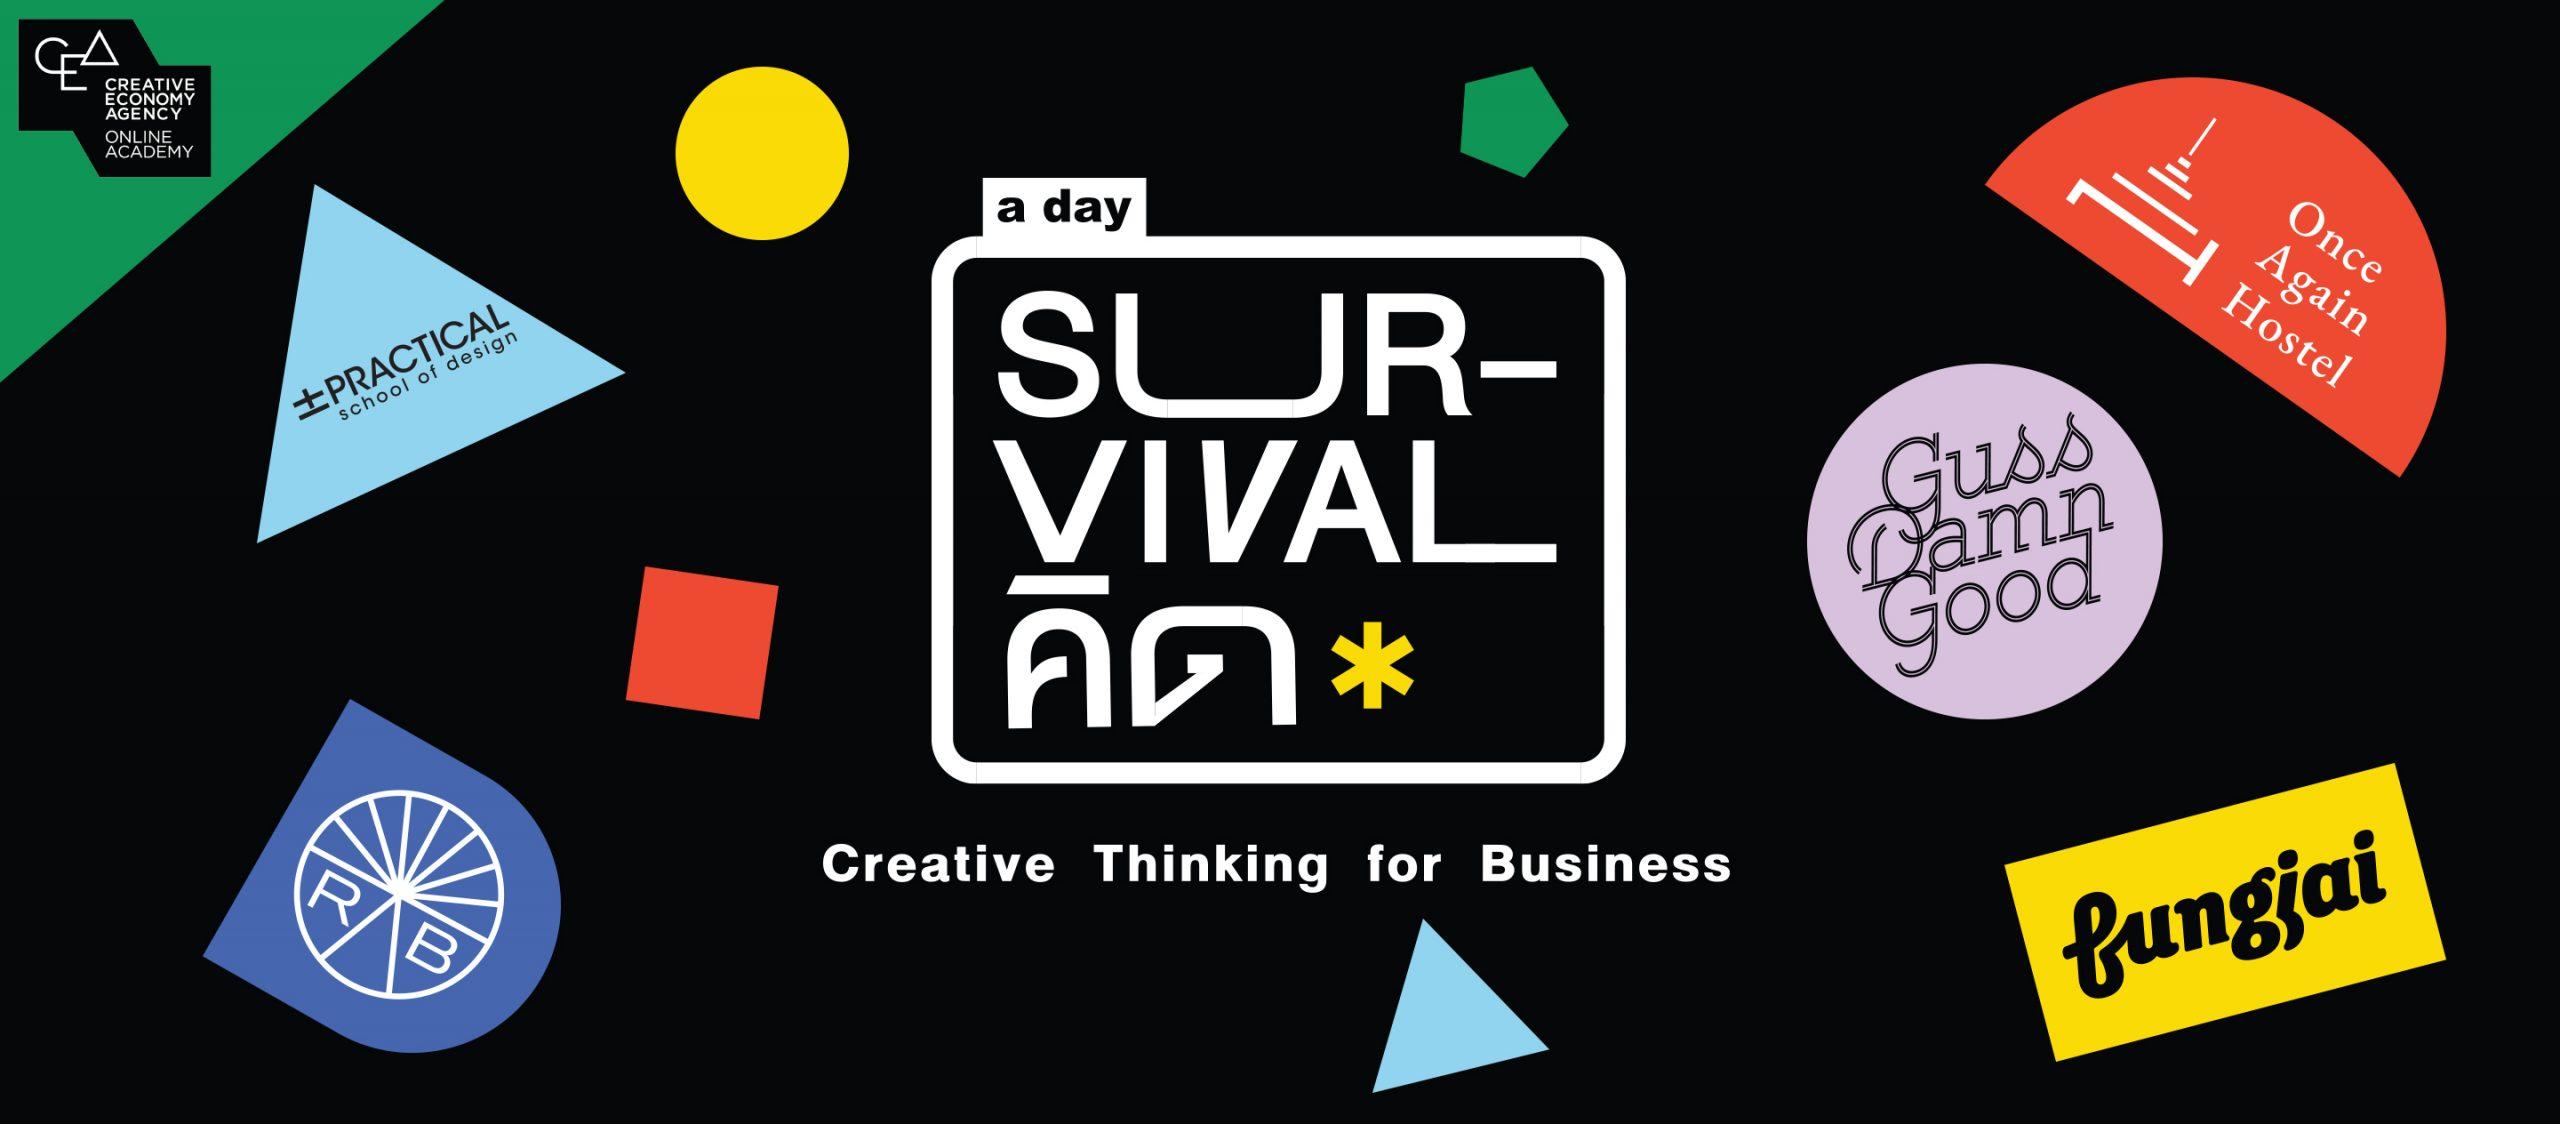 'Survival คิด' คิดยังไงให้รอด? เมื่อ 5 แบรนด์ดังเผยคู่มือเอาตัวรอดด้วยความคิดสร้างสรรค์